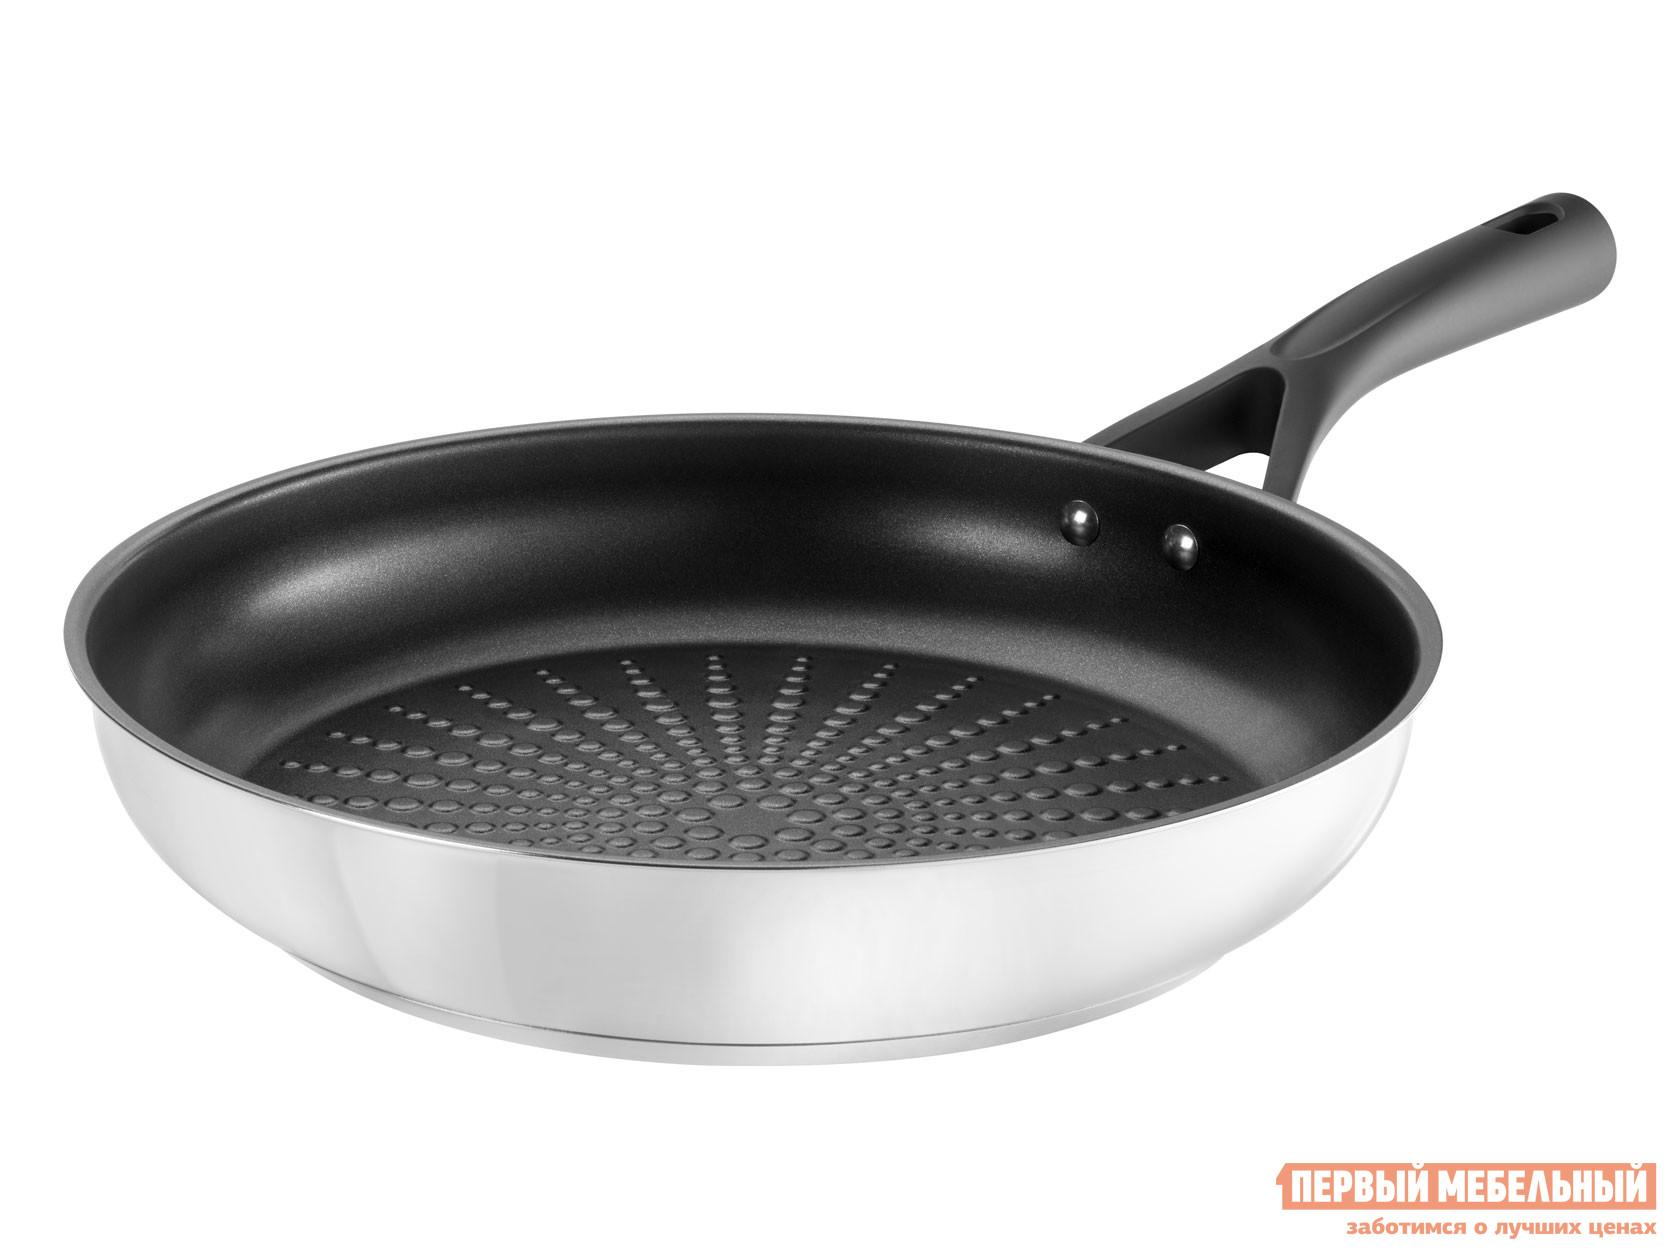 Сковорода Первый Мебельный Сковорода Expert touch 28см индукция